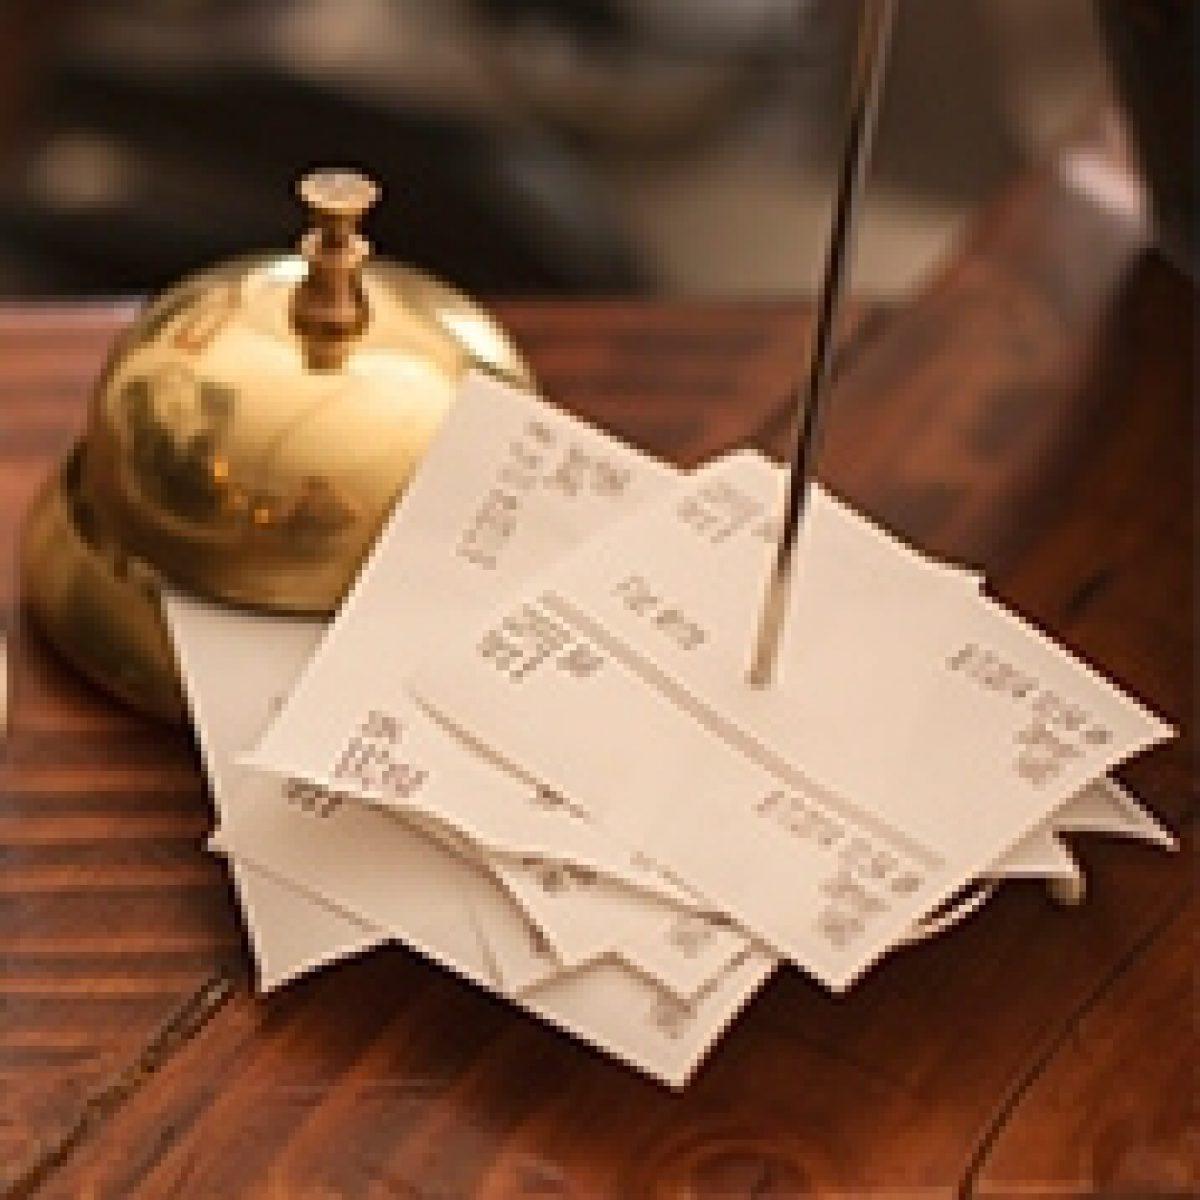 ¿Administras un hotel independiente? Aquí te enseñamos cómo ahorrar tiempo, incrementar tus reservas y deleitar a tus huéspedes.